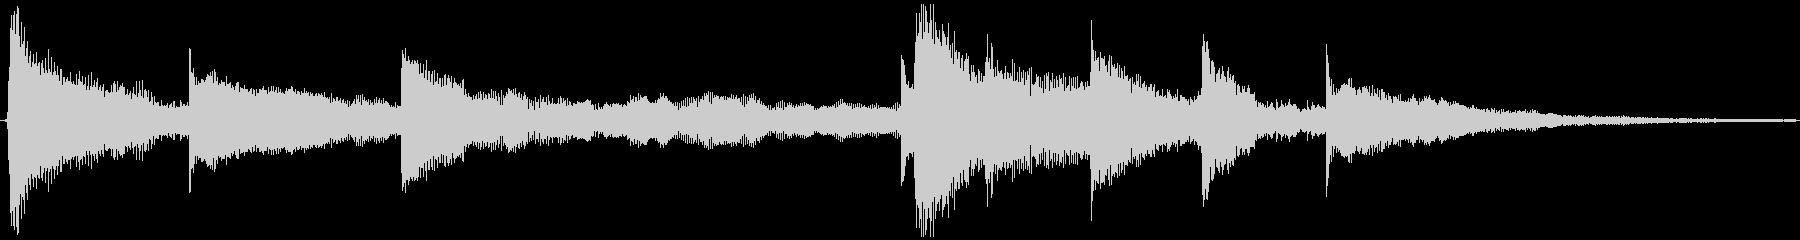 <Loop>ゆったり ピアノの未再生の波形